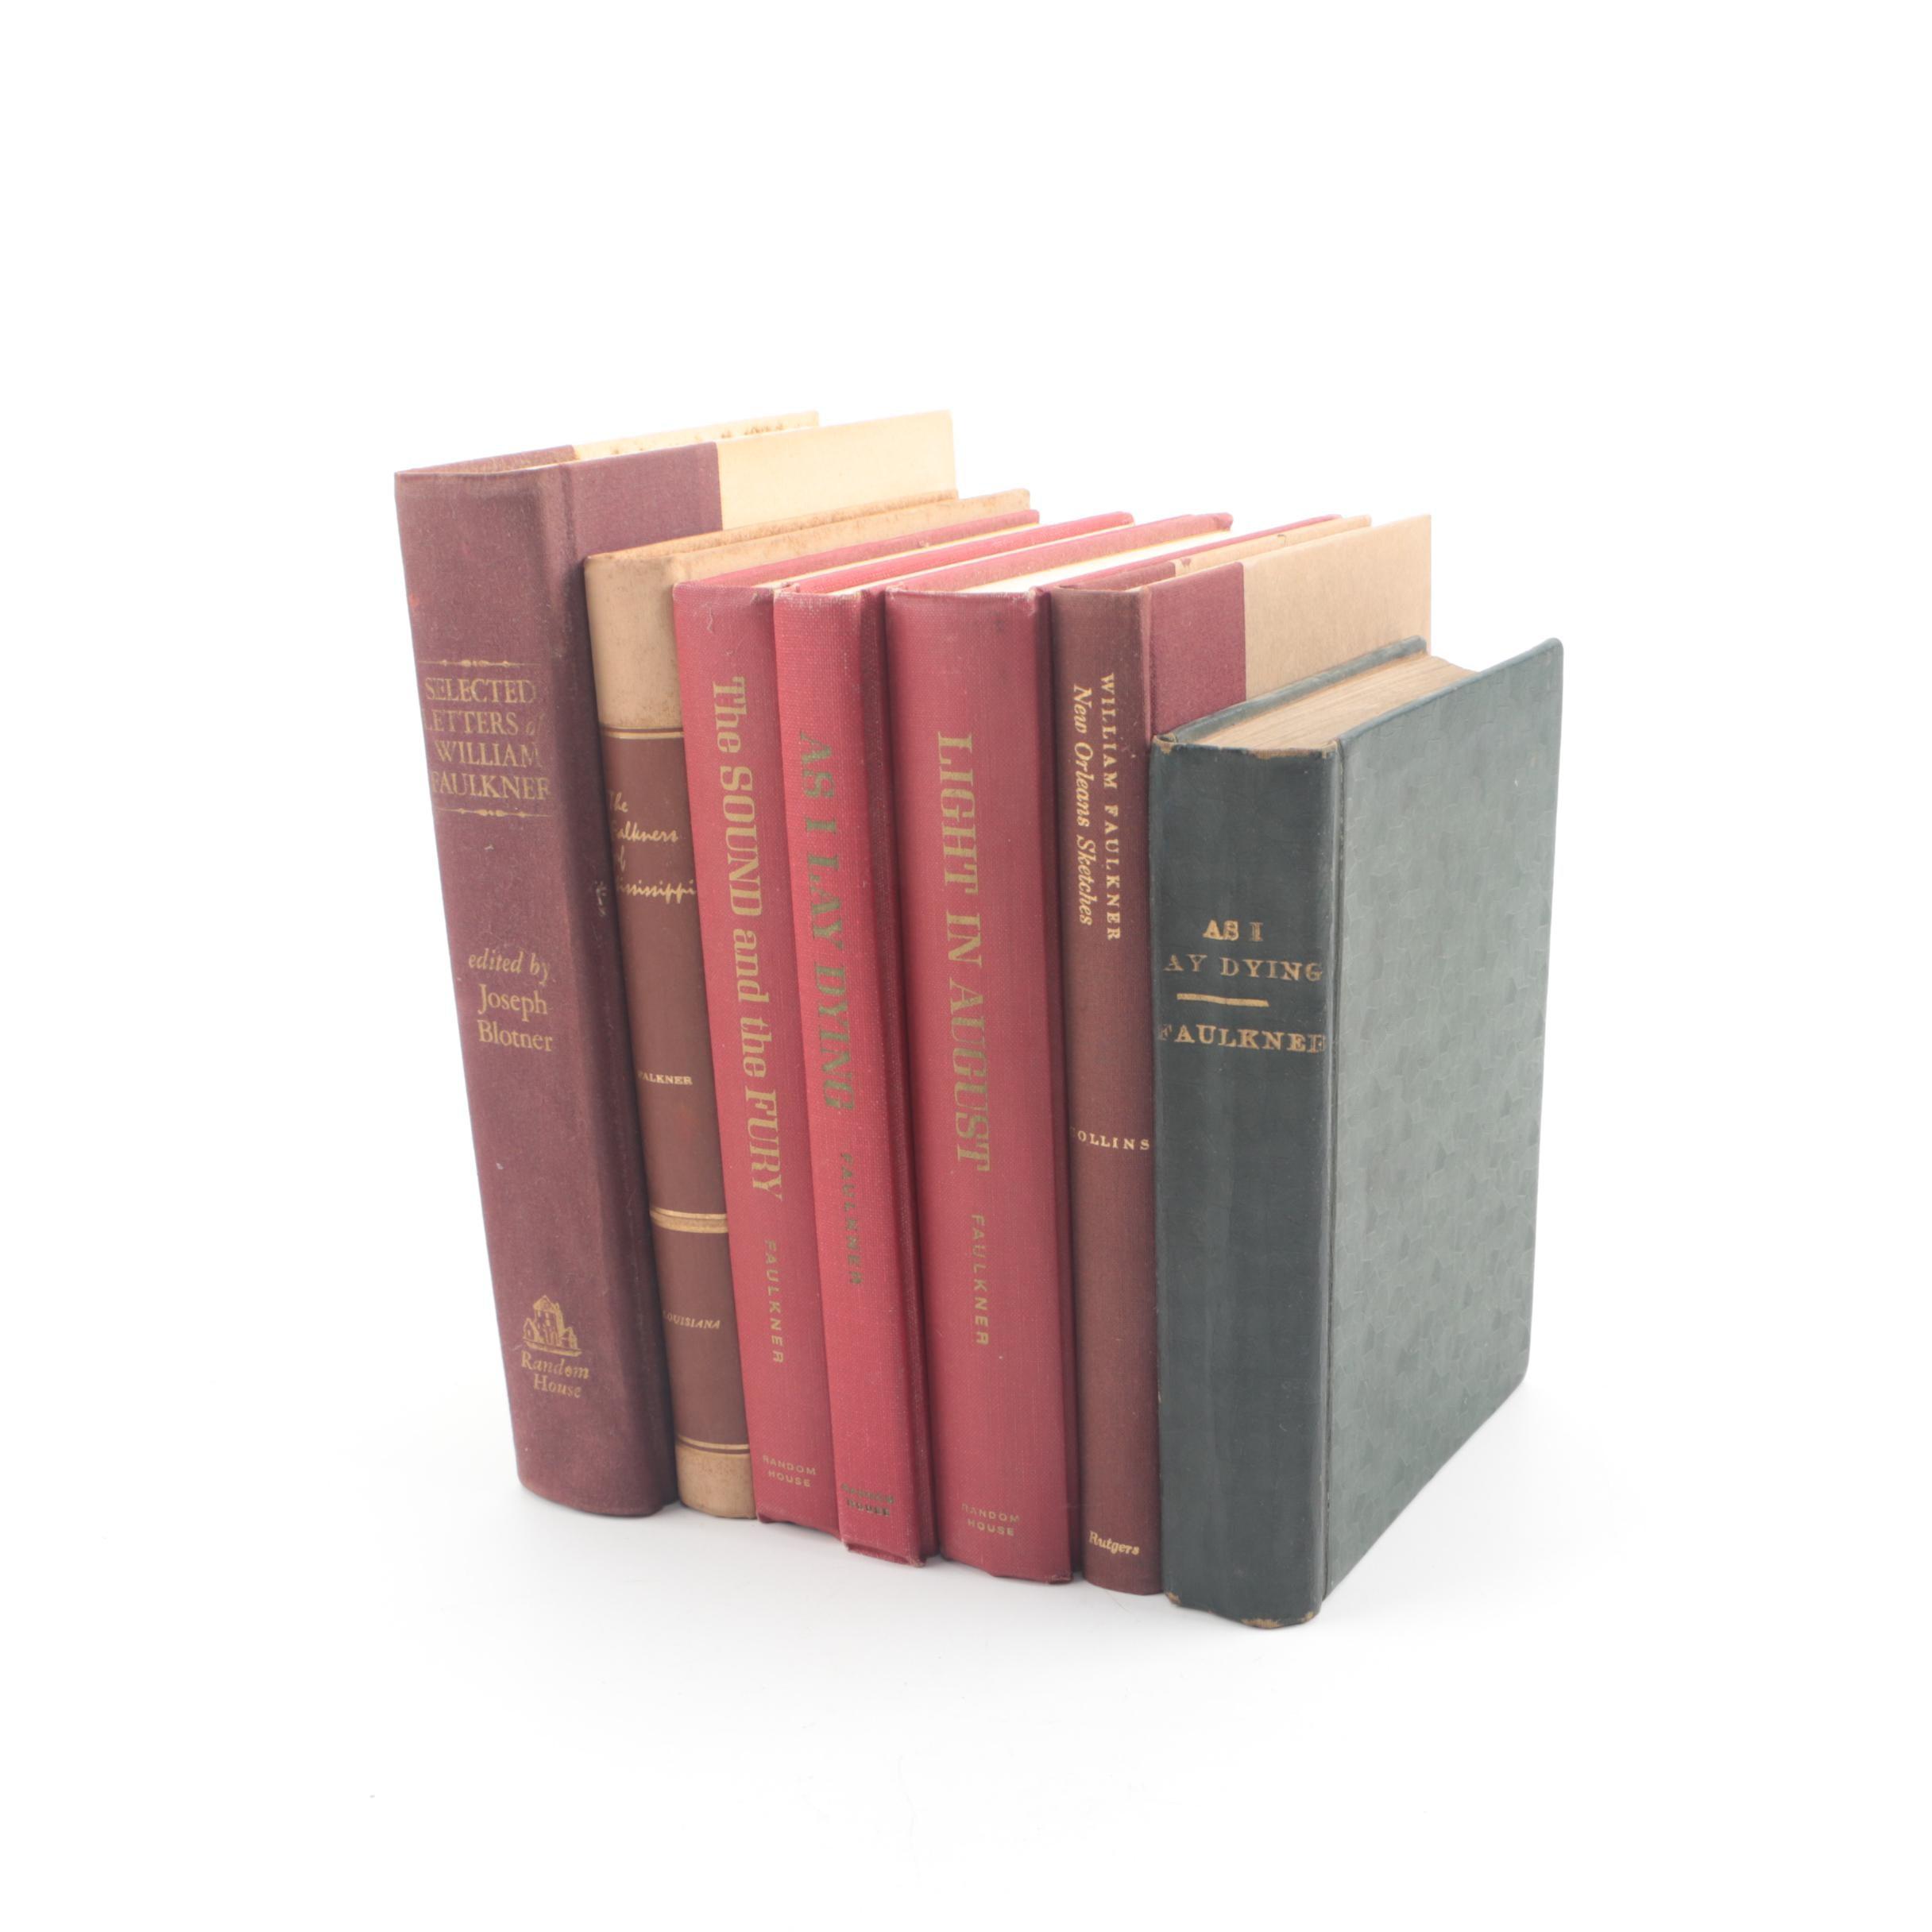 William Faulkner Books